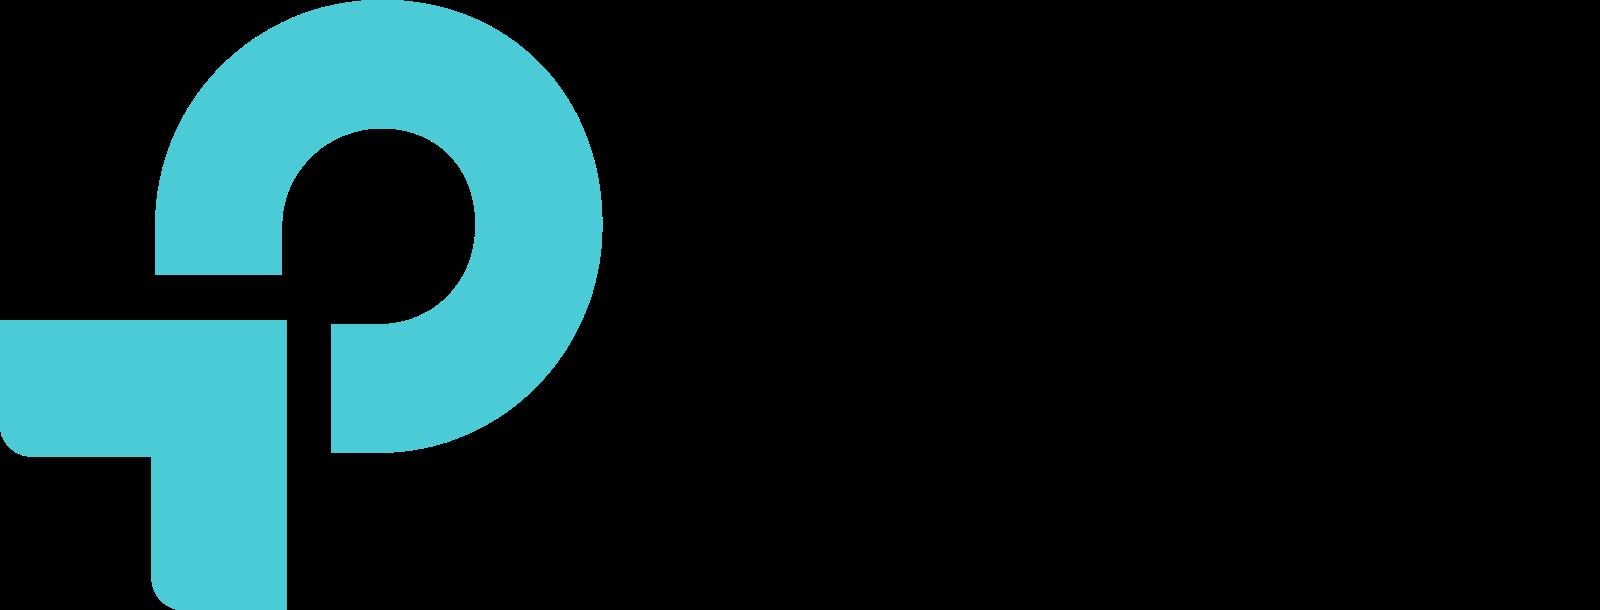 tp link logo 2 - TP-Link Logo